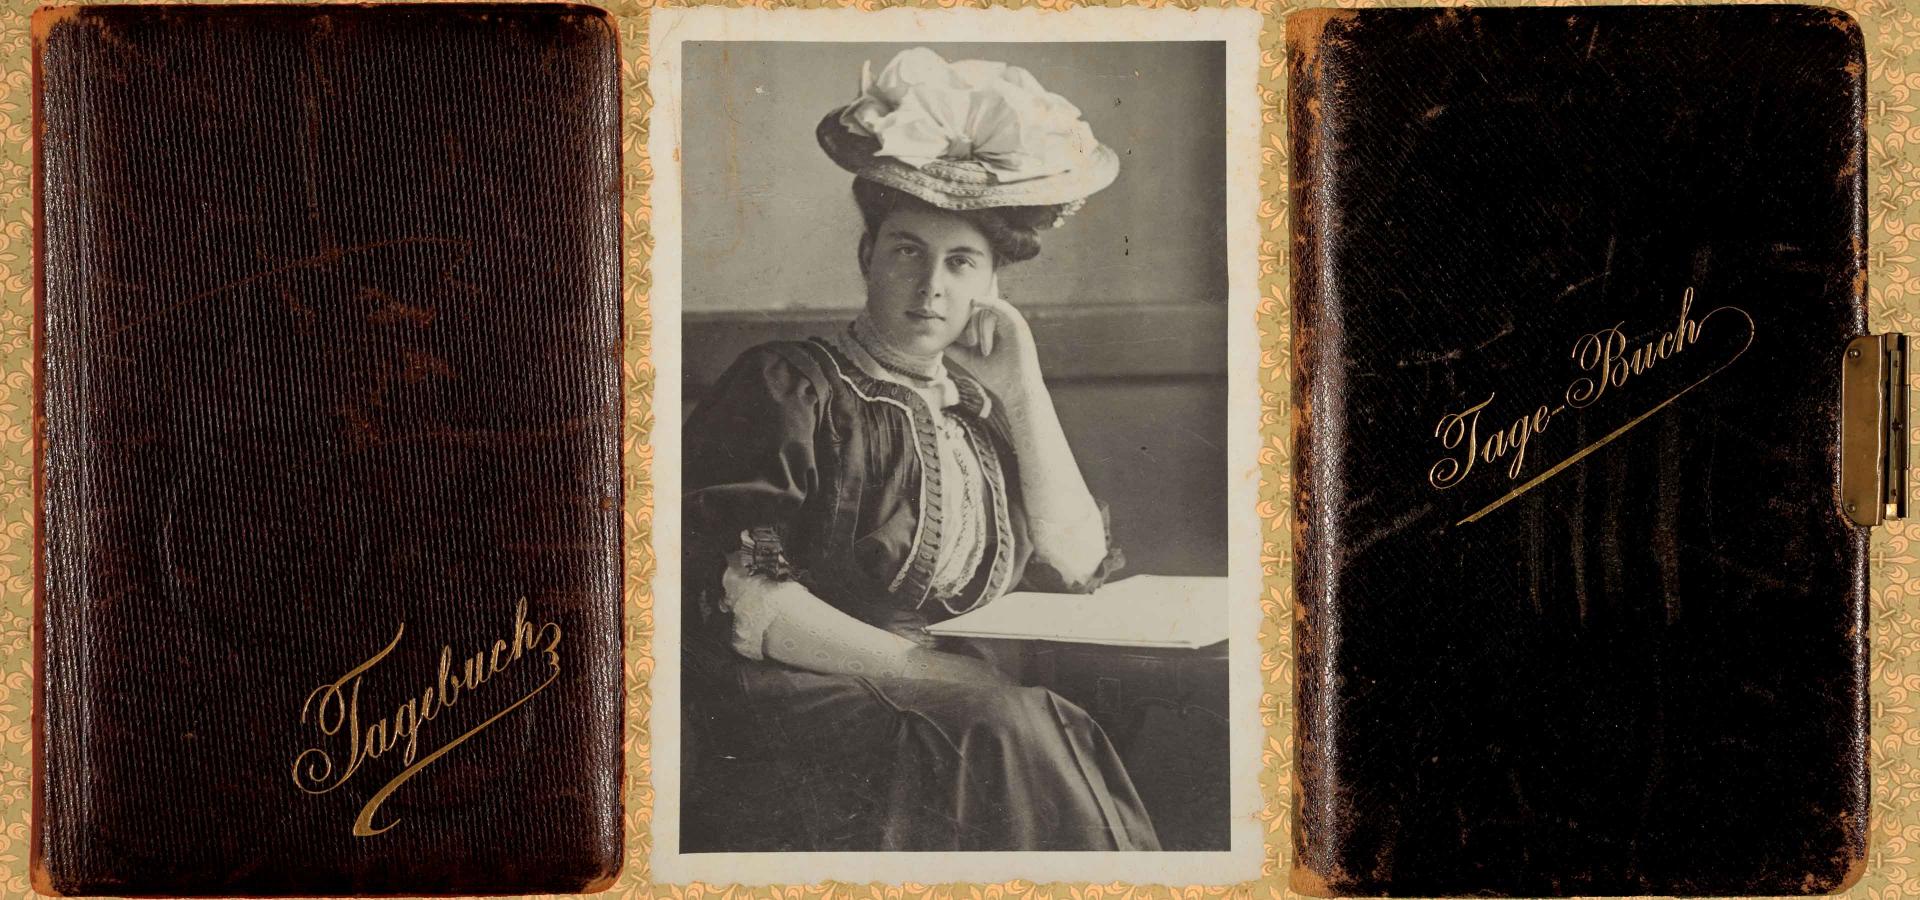 """Links: Cover eines Tagebuchs, Mitte: Schwarz-Weiß Porträtfoto einer jungen Dame. Sie trägt ein hochgeschlossenes Kleid mit Hut im Stil der 1910er Jahre. Rechts: Cover eines abgegriffenen Tagebuchs mit Ledereinband und dem goldenen Schriftzug """"Tage-Buch""""."""